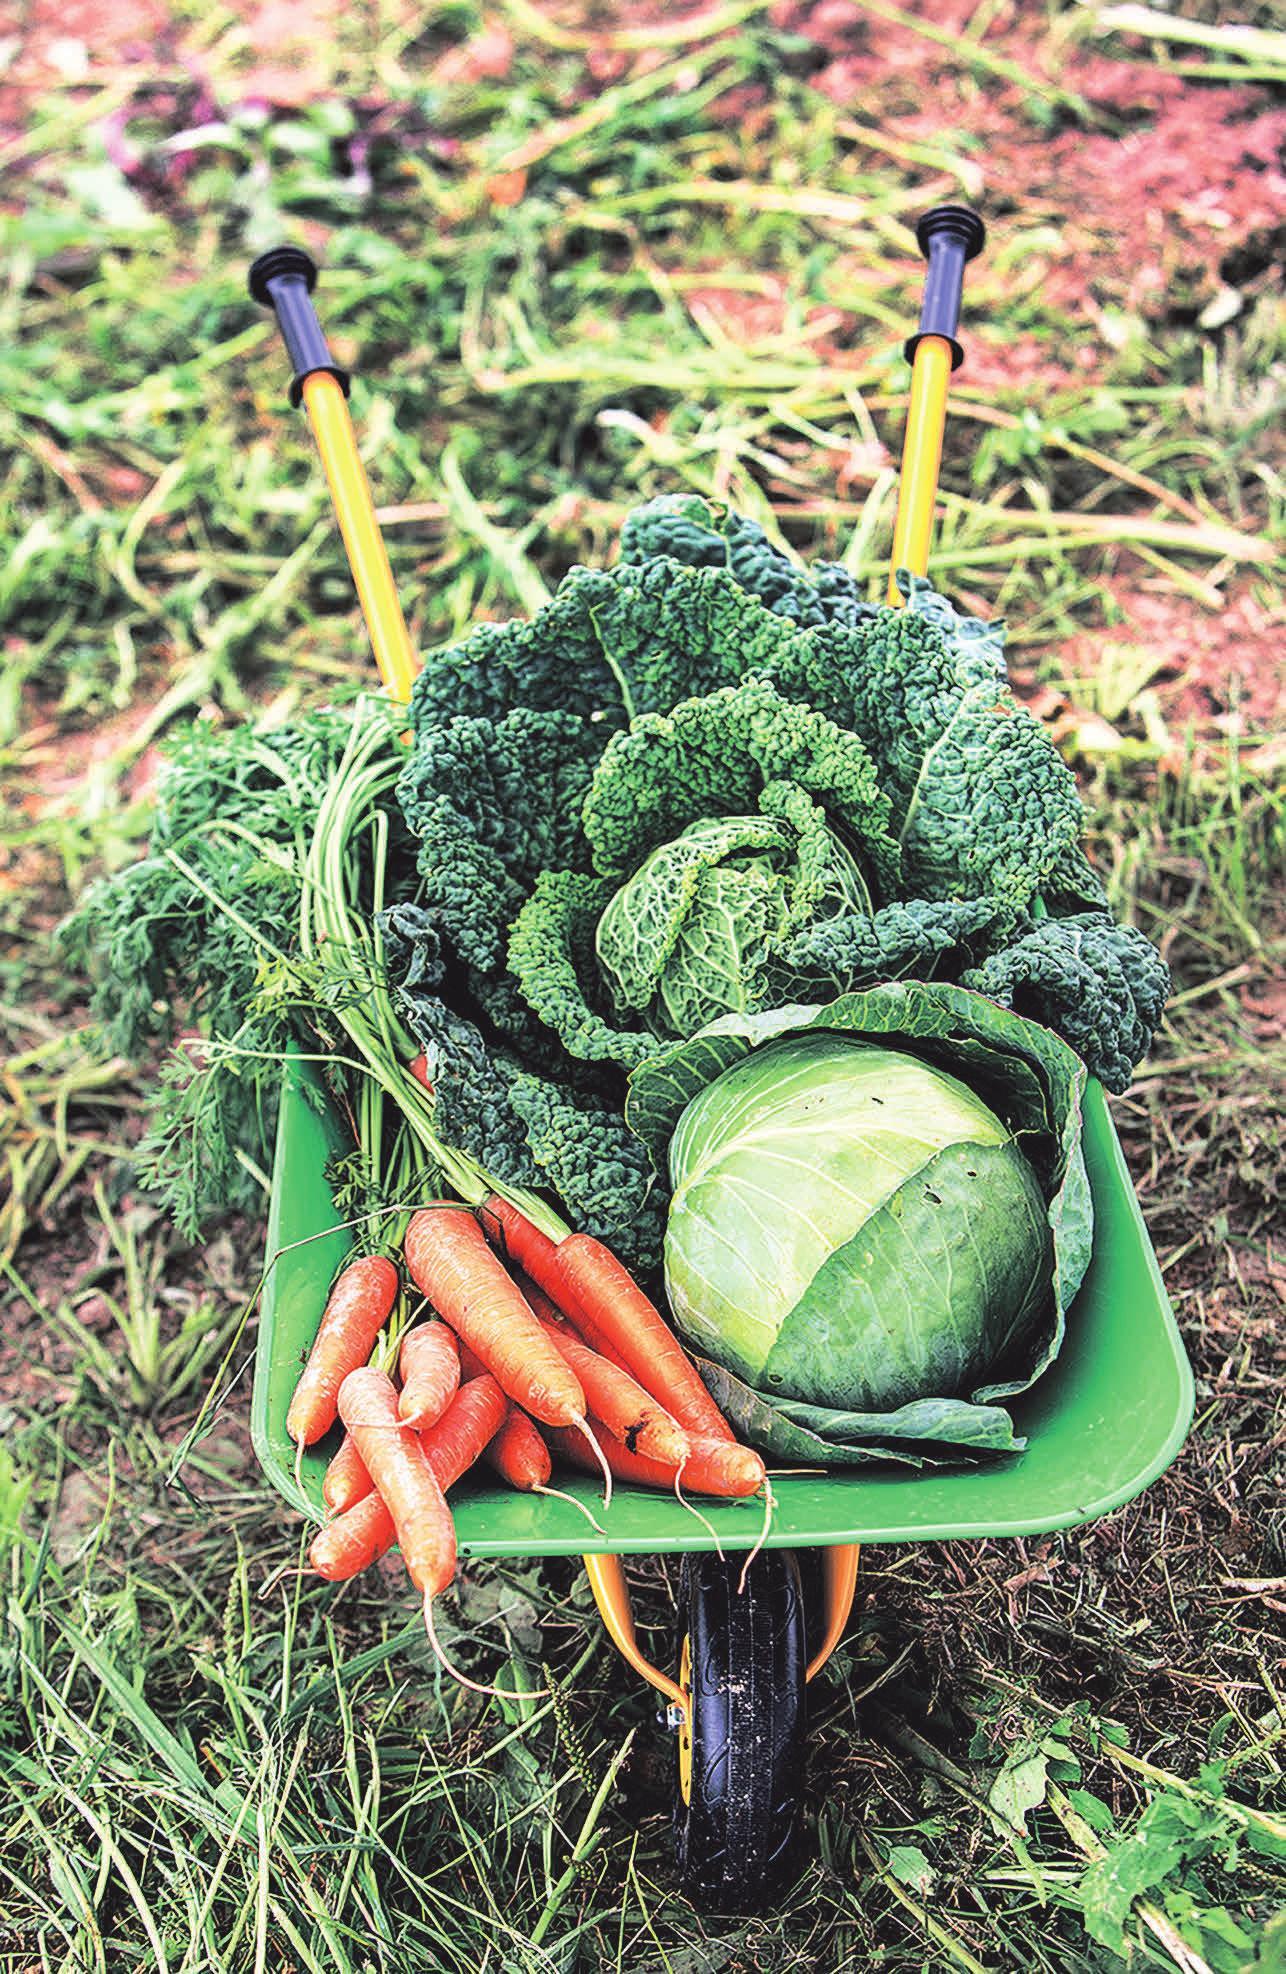 Gemüse und Obst sollten regelmäßig auf dem Speiseplan stehen. Foto: AOK Mediendienst